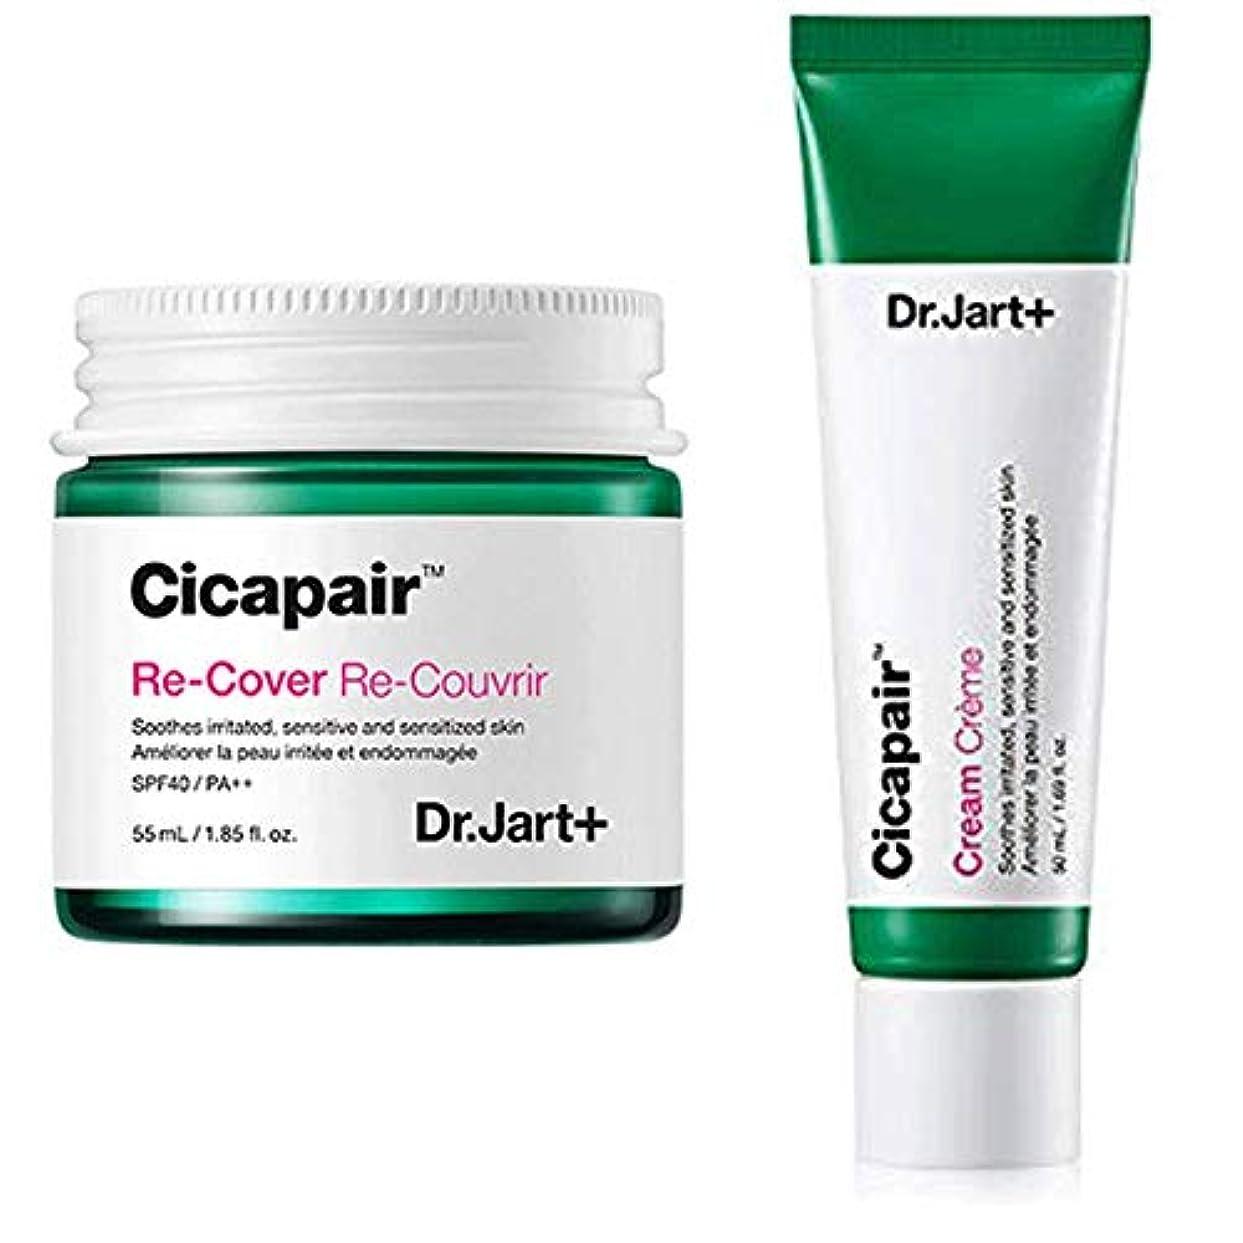 基礎スリット嘆願Dr.Jart+ Cicapair Cream + ReCover ドクタージャルトシカペアクリーム50ml + リカバー 55ml (2代目) セット [並行輸入品]